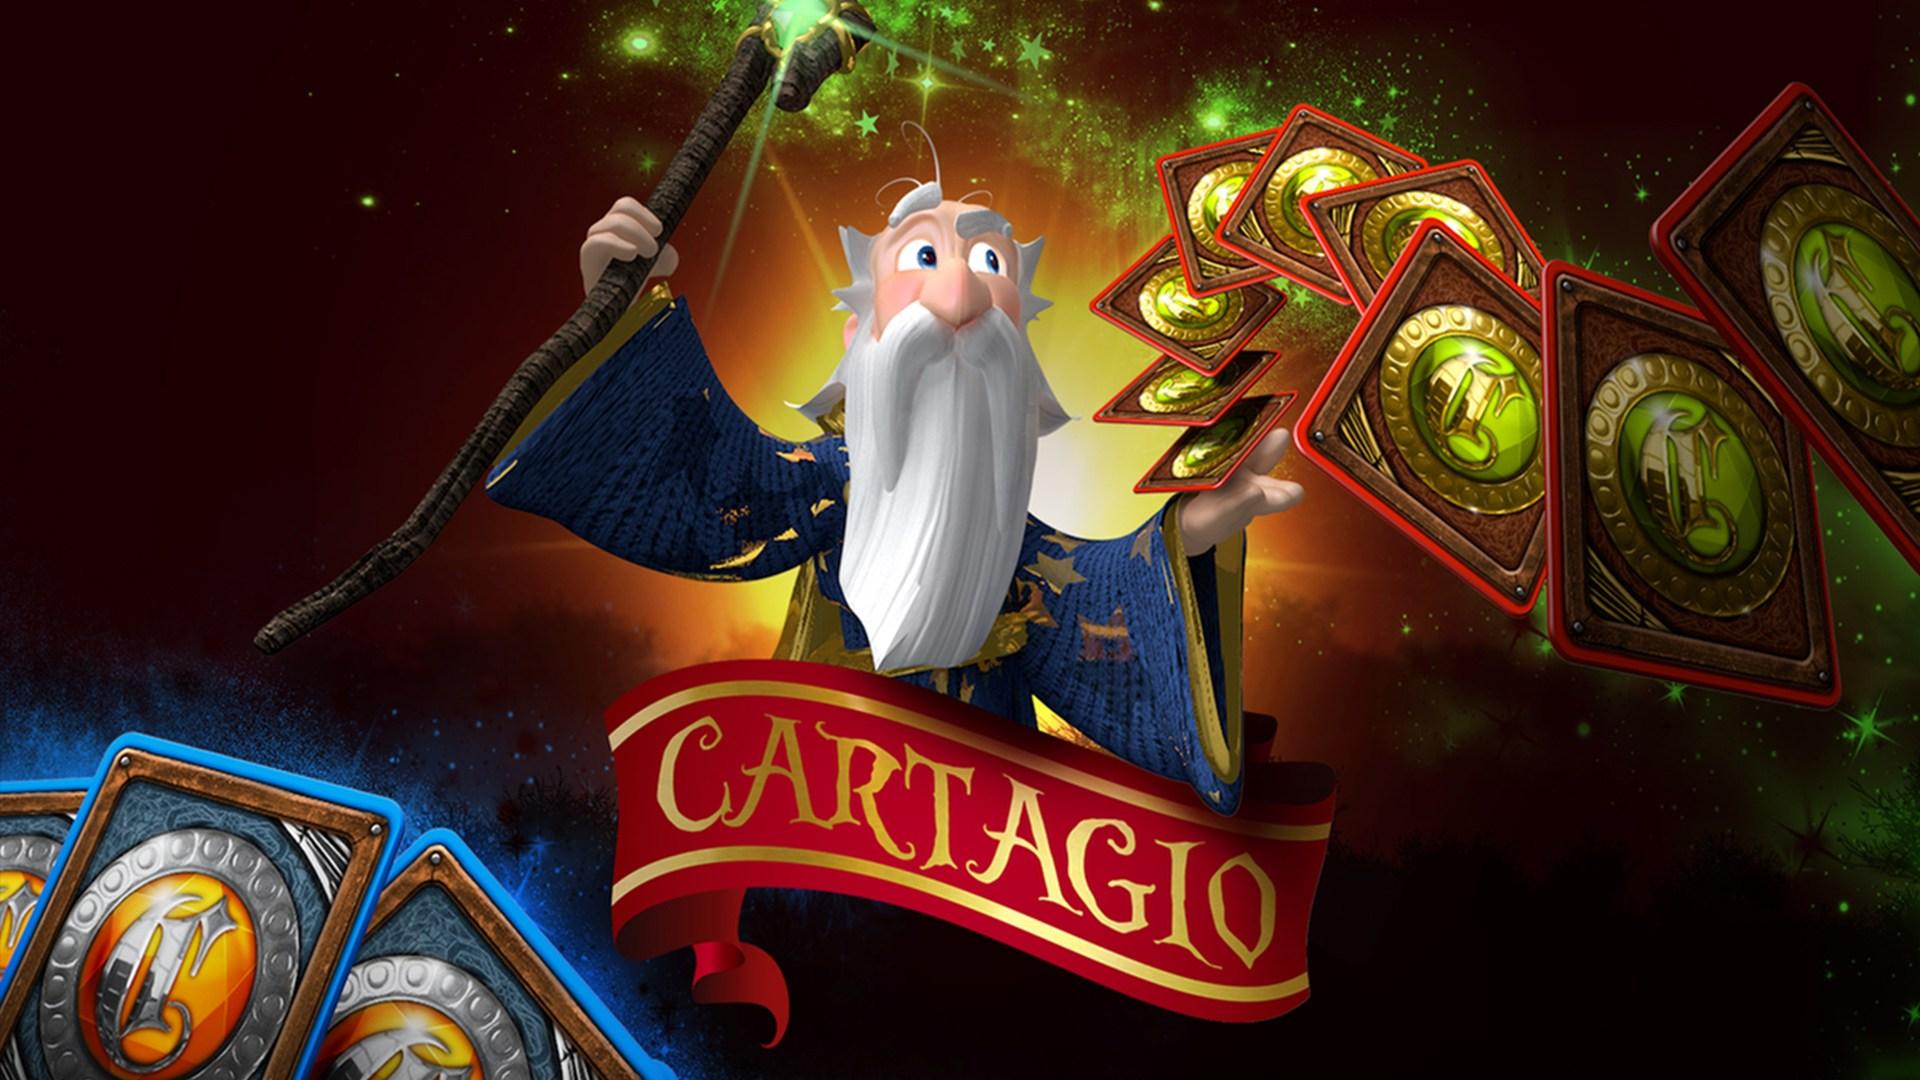 Cardagio